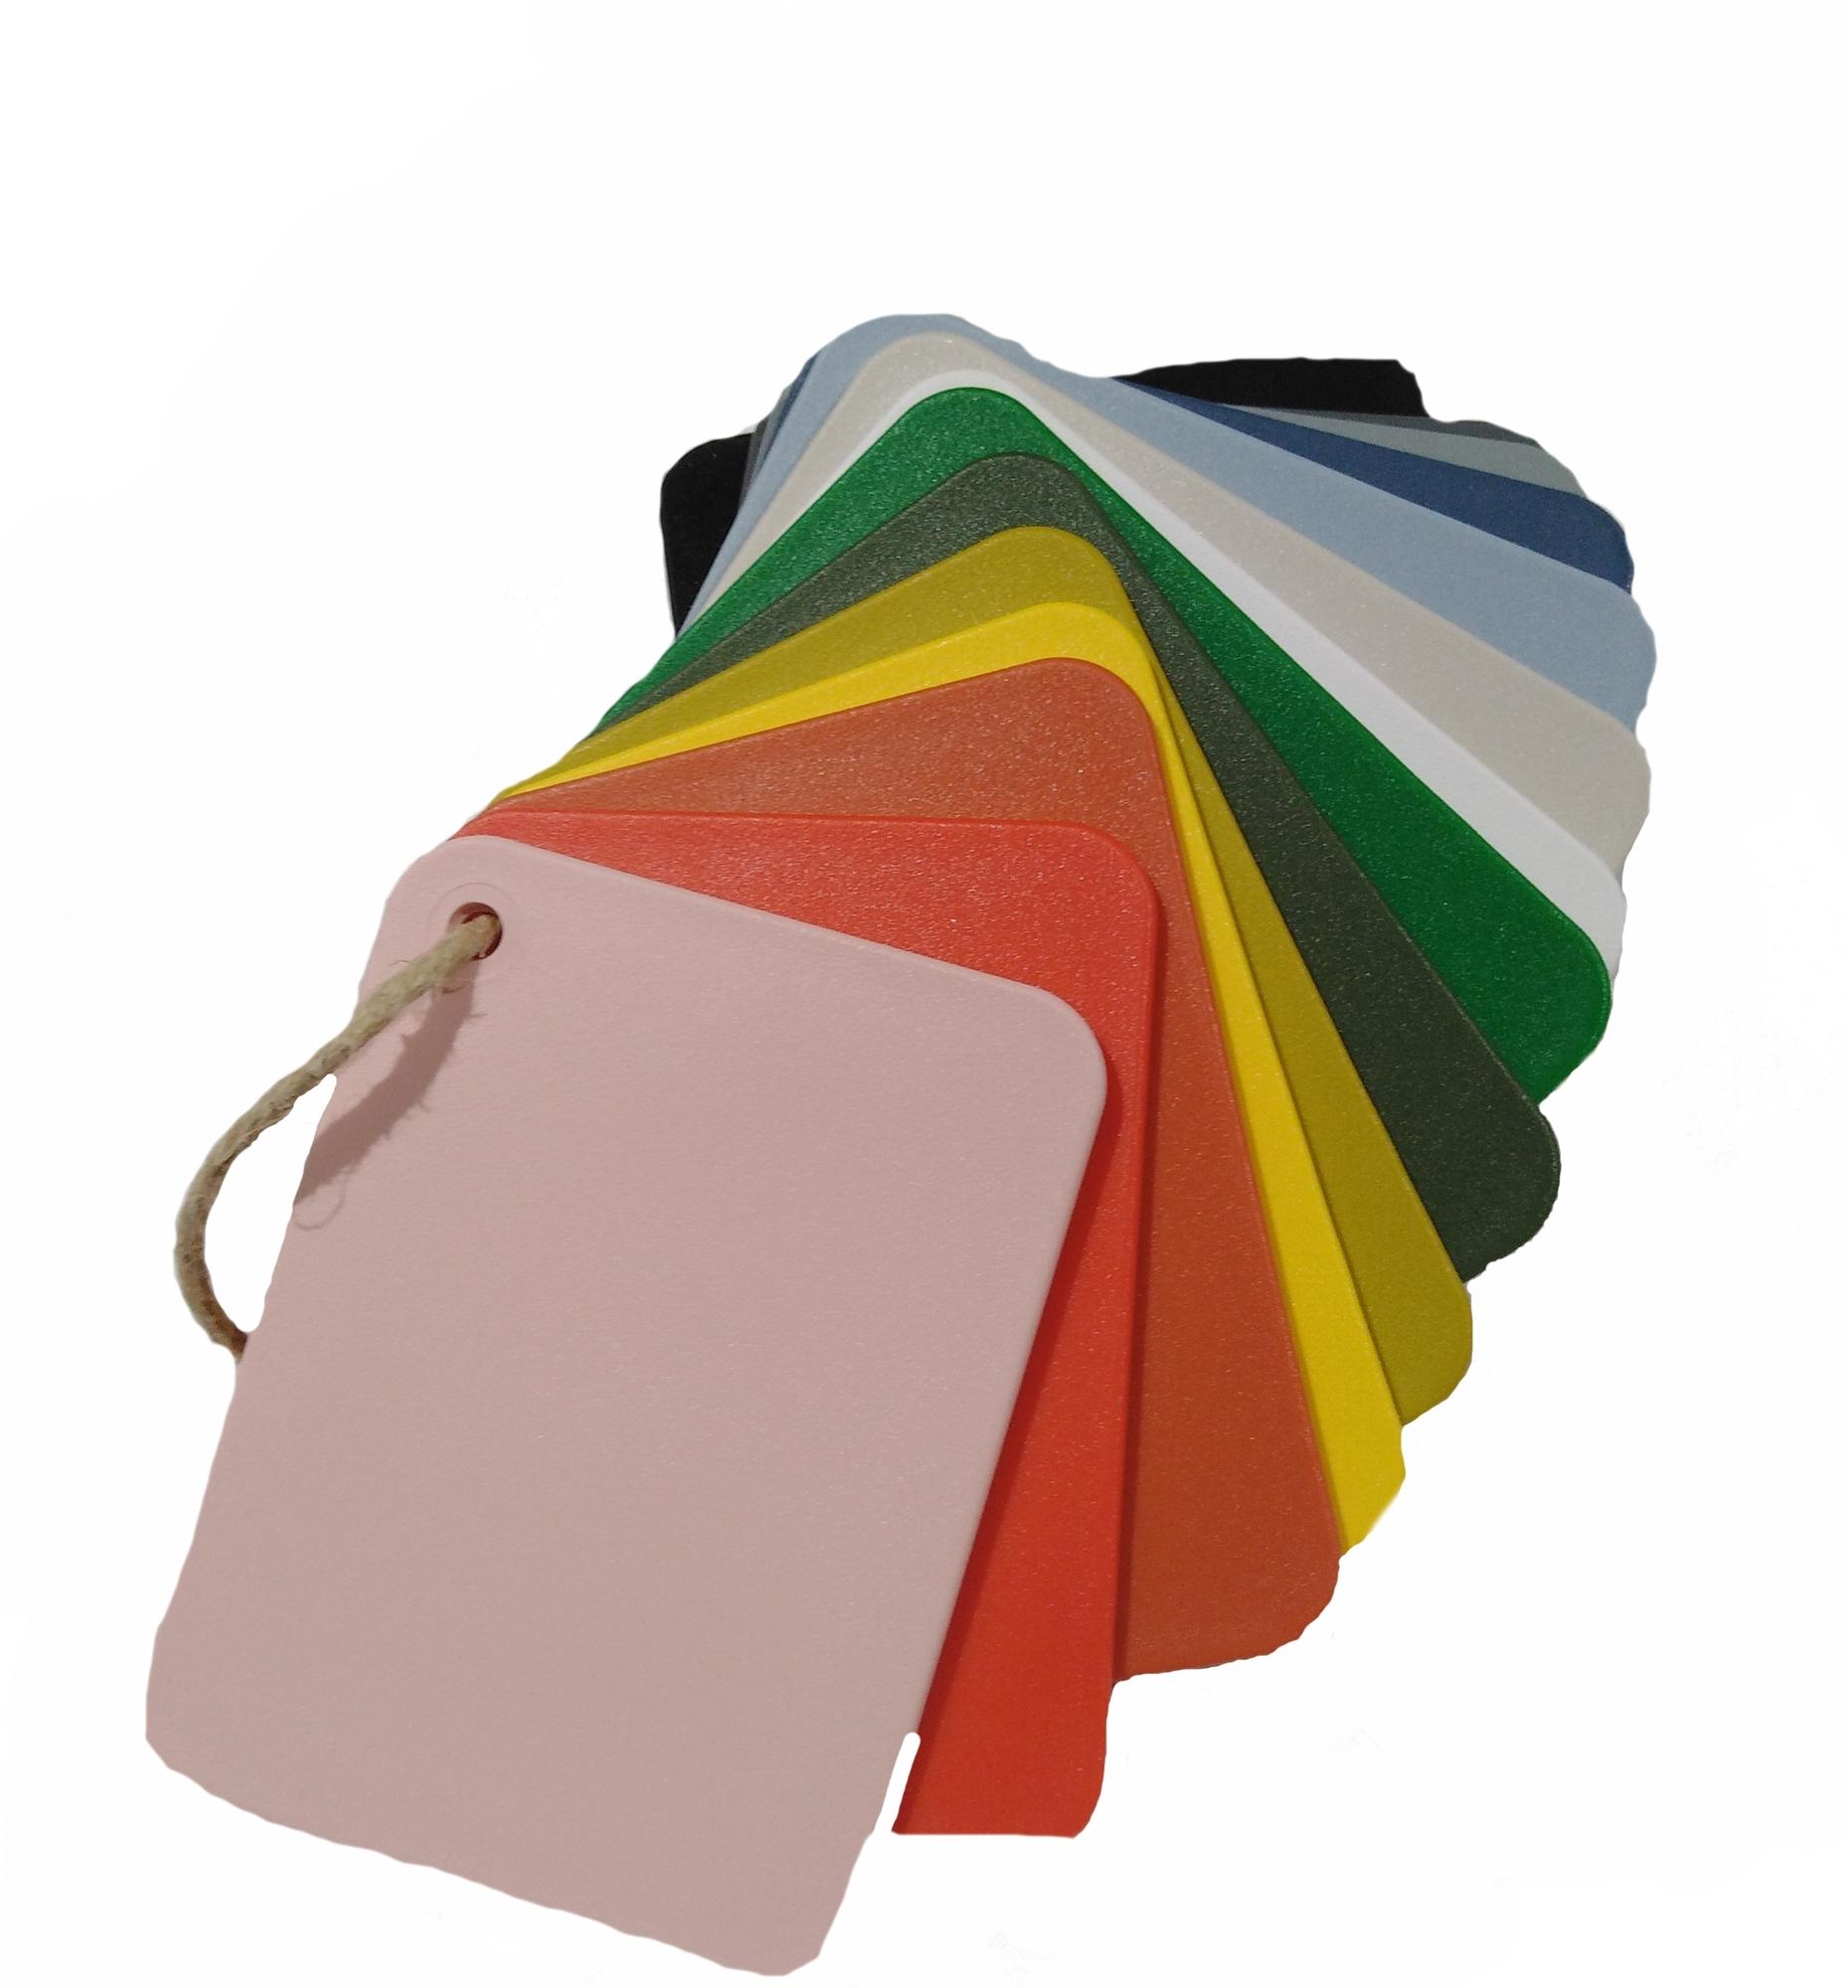 Échantillon en plastique pour les Eames Plastic chaises Couleurs 2019 Vitra